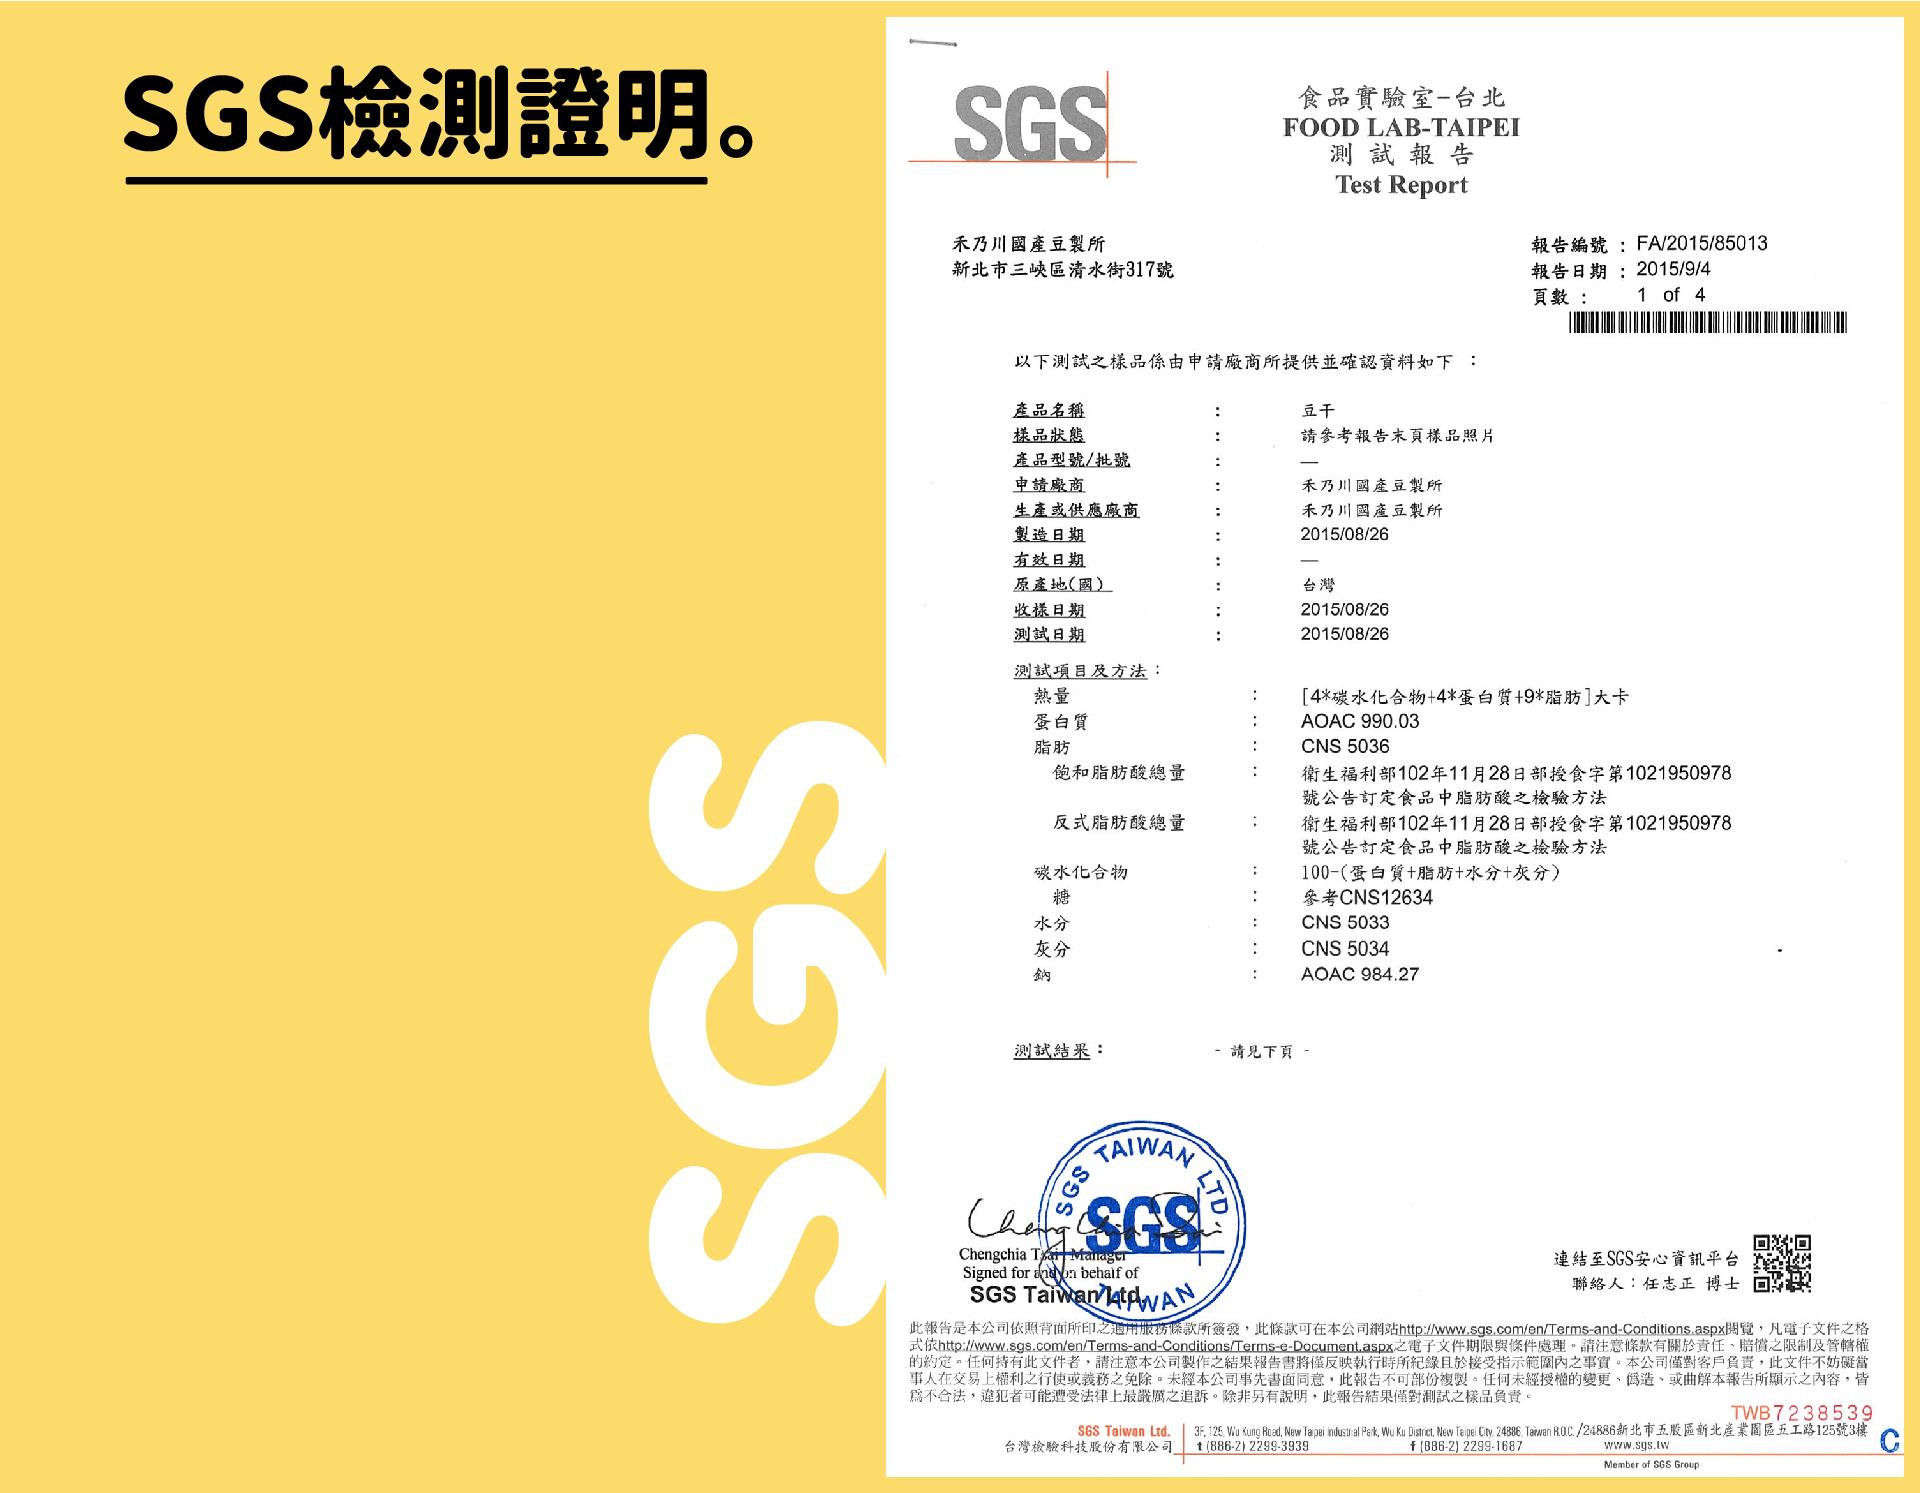 禾乃川SGS檢驗證明 - 鹽鹵黑豆干 - 扎實中帶有韌性